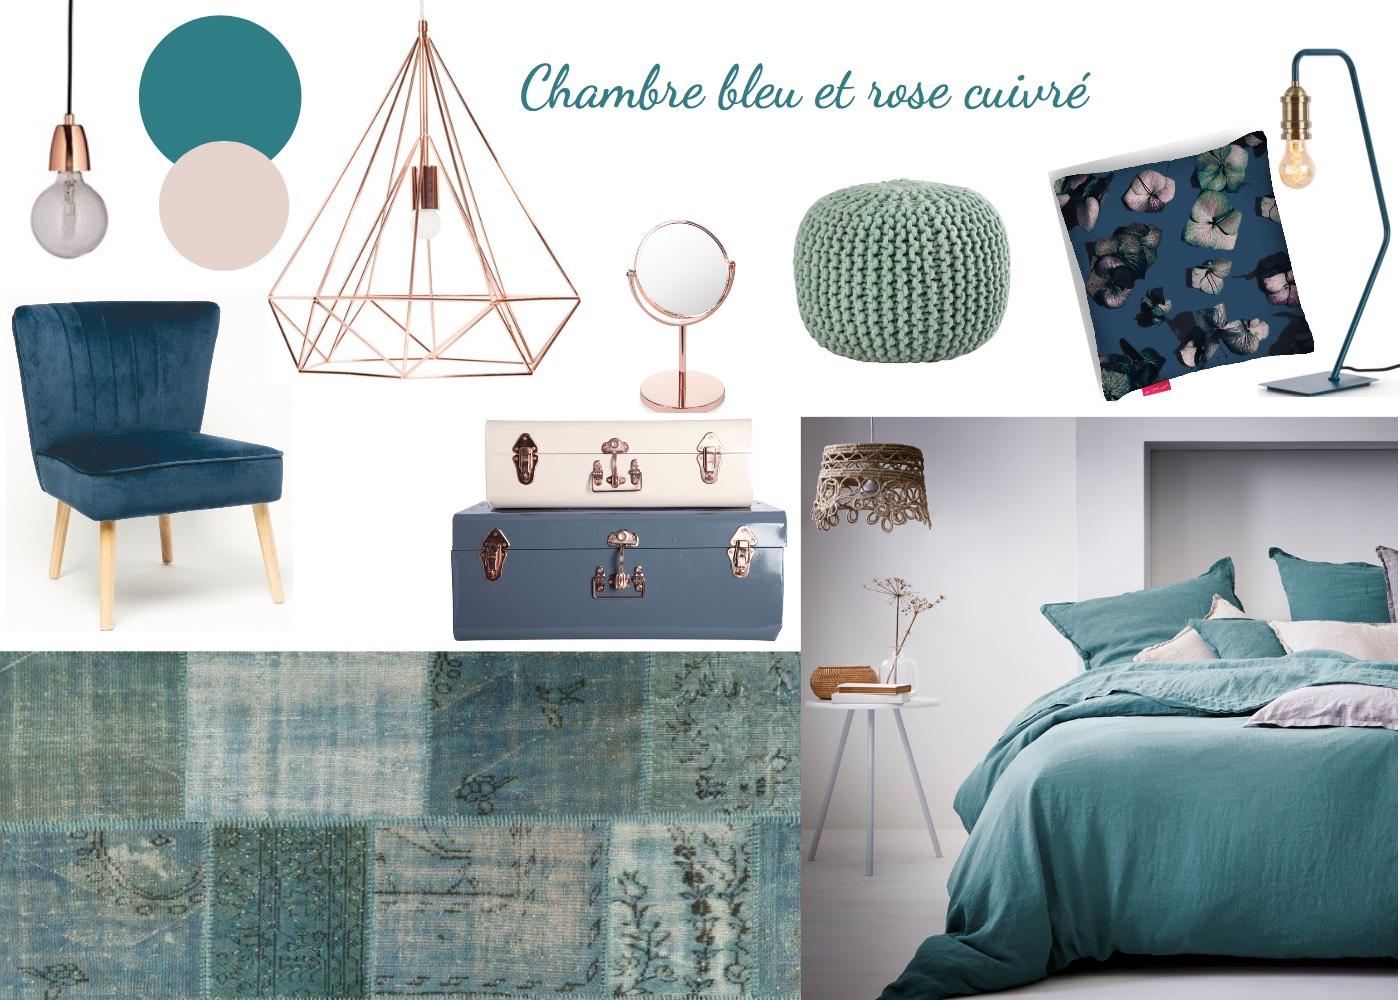 chambre bleu et rose cuivr toutes les planches setmystyle partagez vos planches tendances. Black Bedroom Furniture Sets. Home Design Ideas